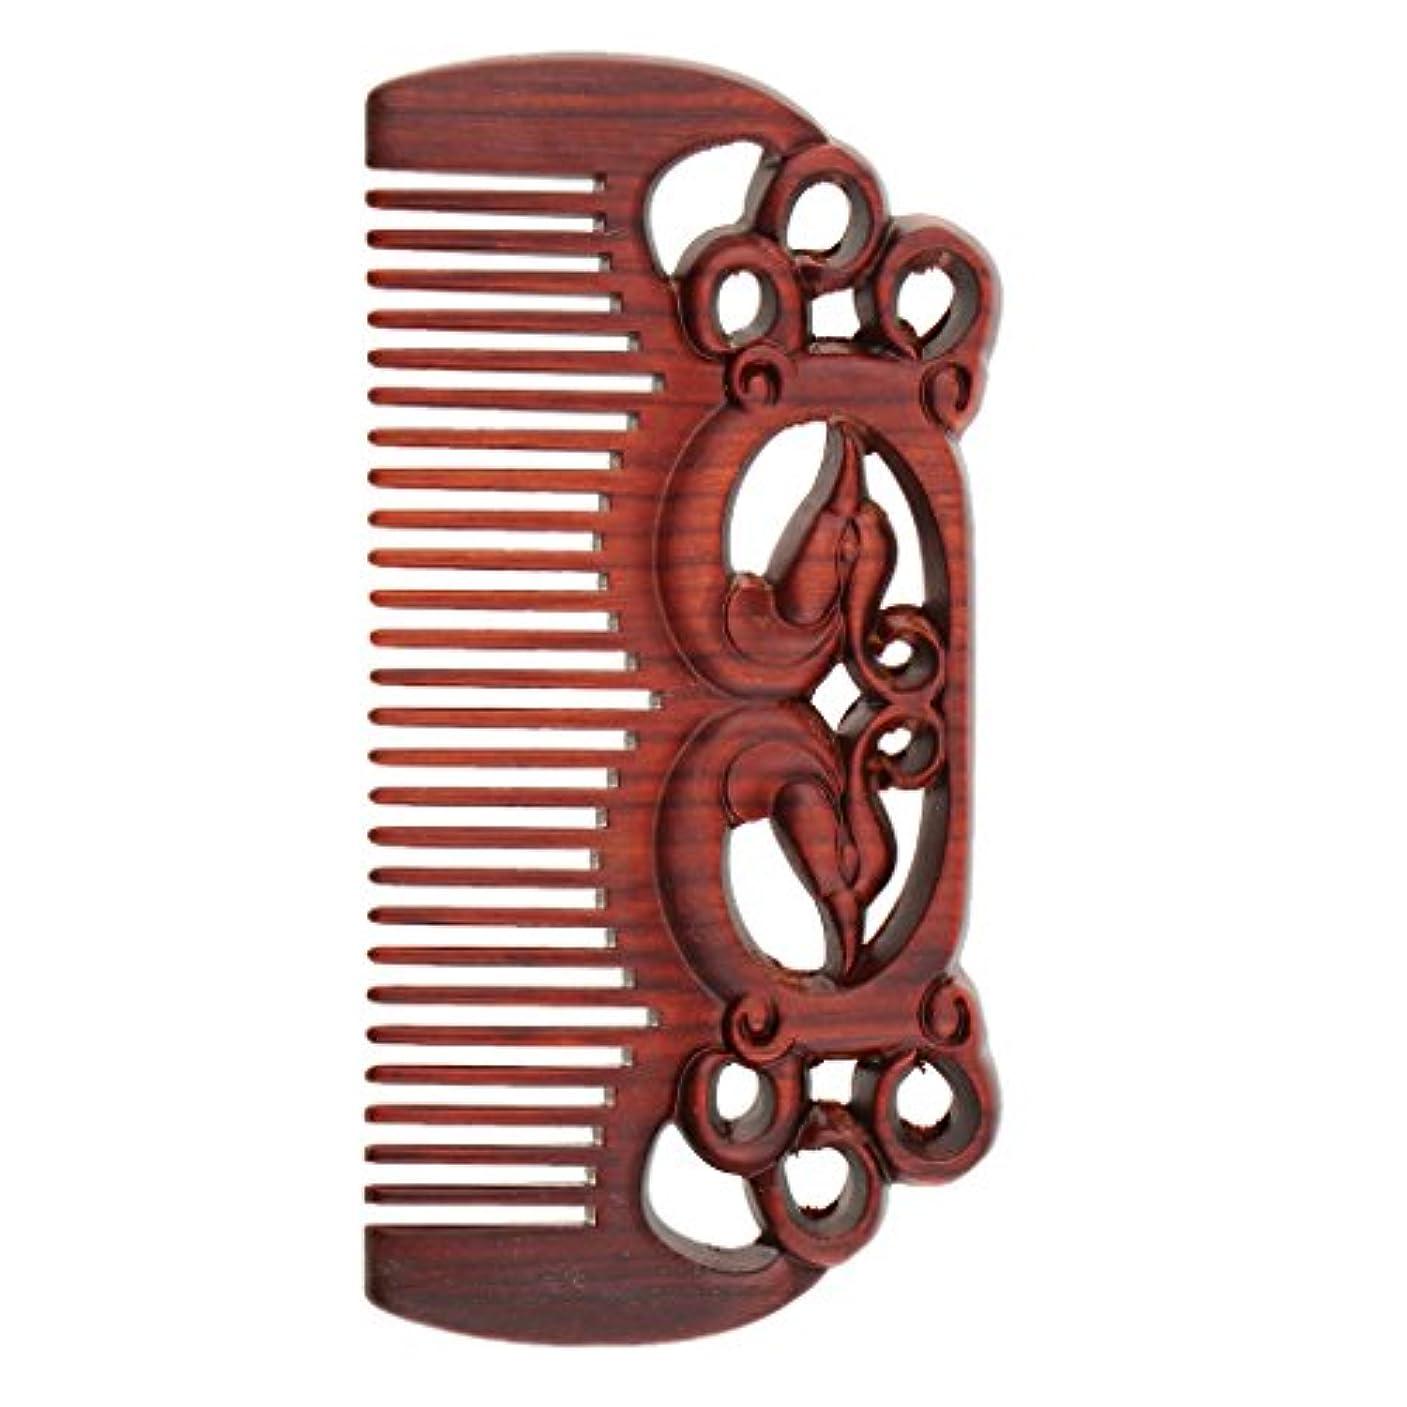 弾薬書店影響Perfeclan ウッドコーム 天然木製 高品質 木製櫛 ワイド歯 ヘアブラシ ヘアスタイリング ヘアコーム 2タイプ選べる - #1